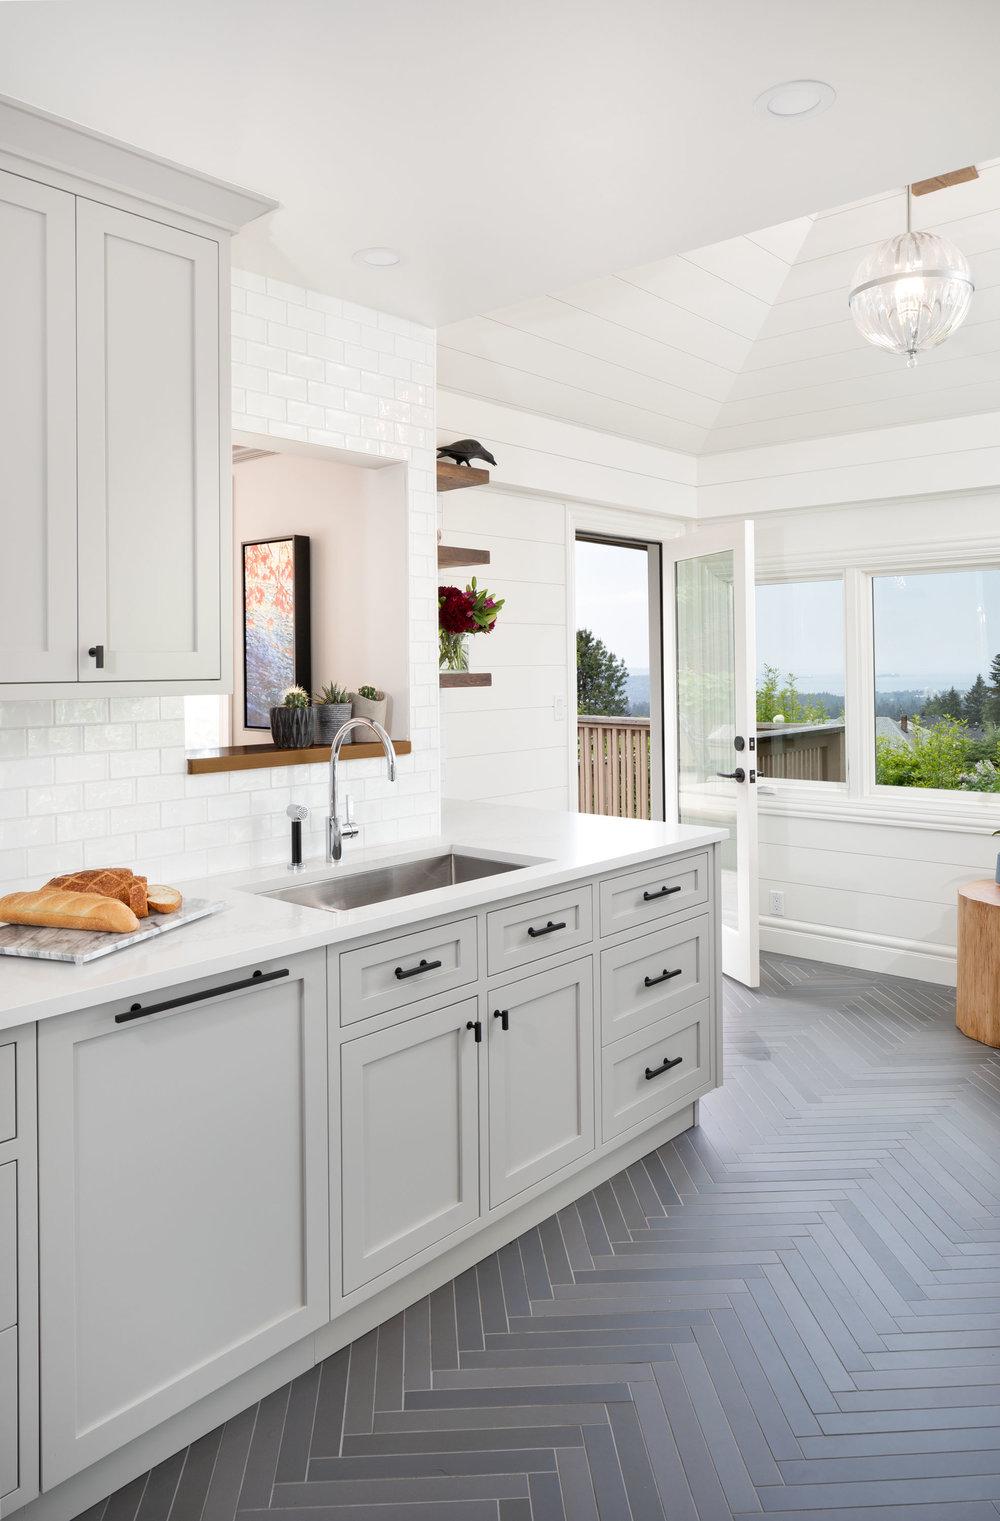 3361 Kitchen 6 REVISION 2.jpg